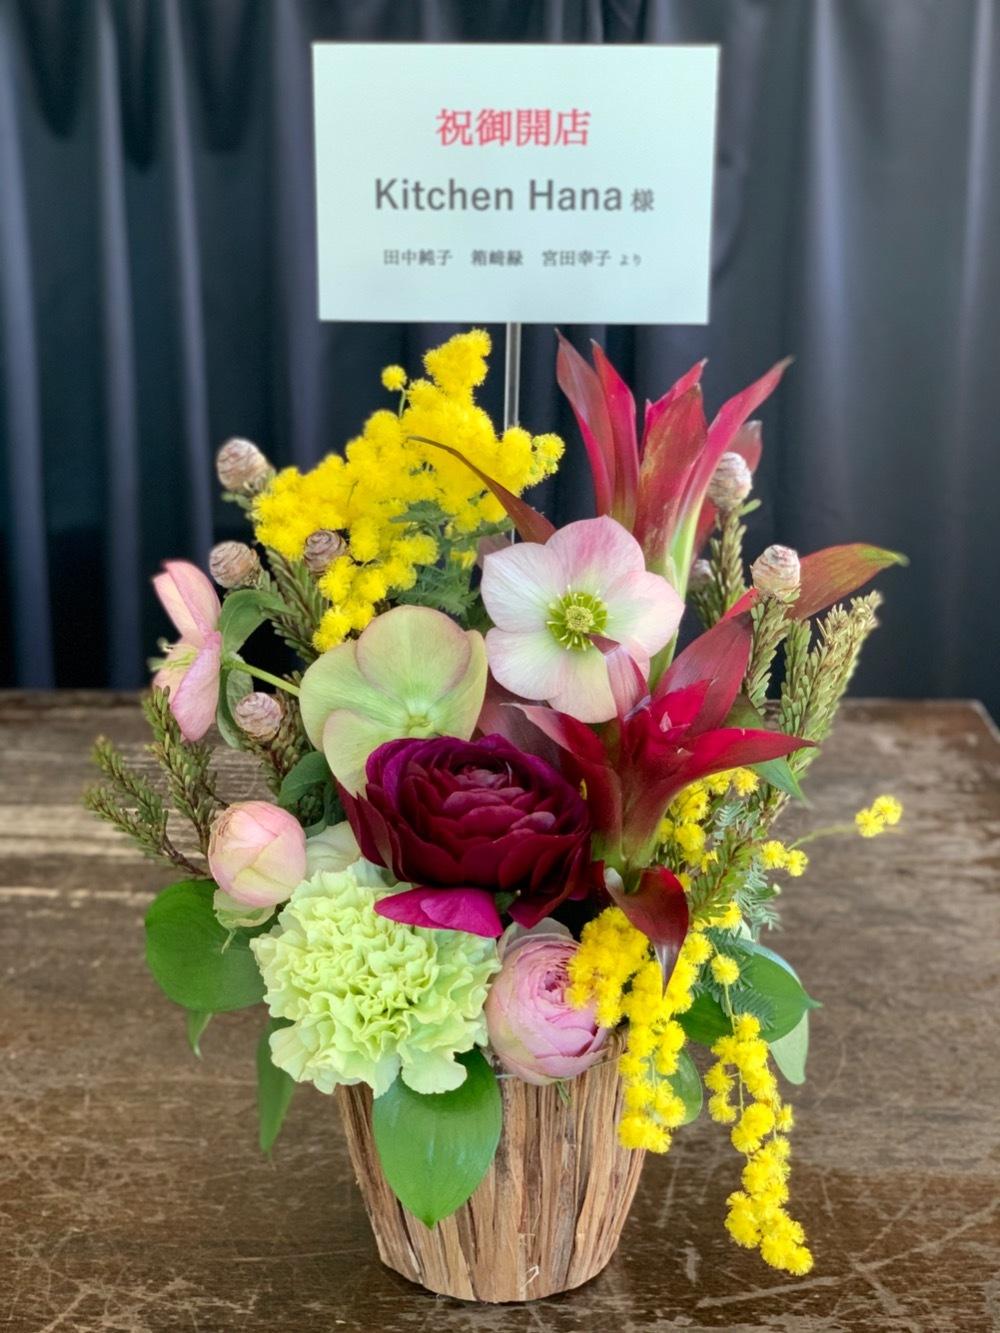 小さな飲食店さまへお届けしたカラフルで存在感のある開店祝い花